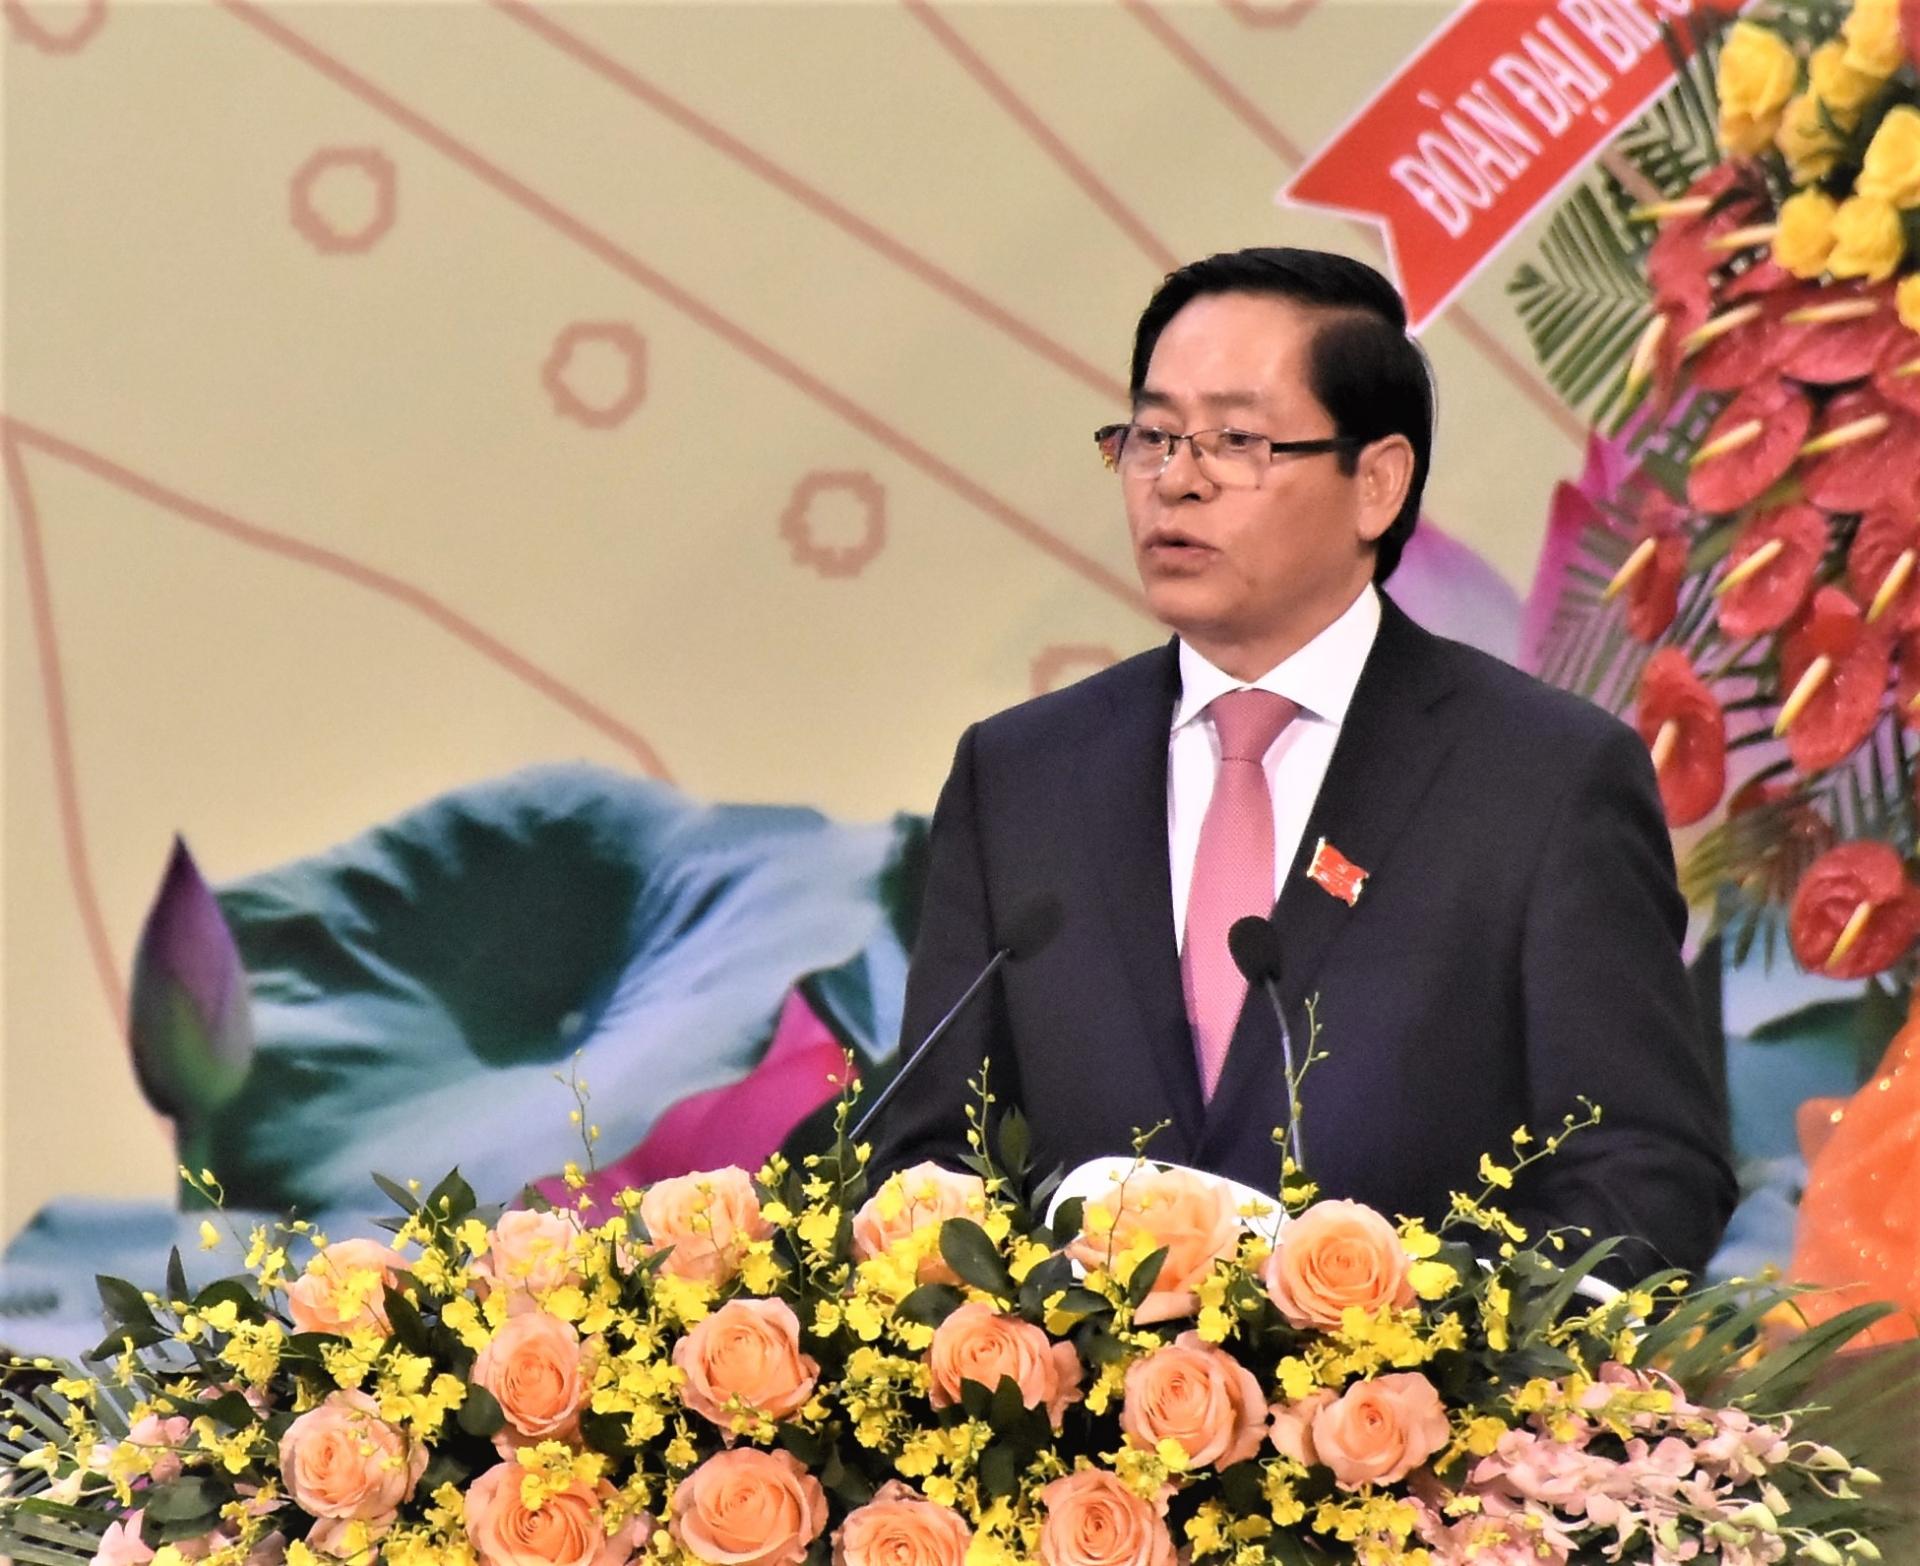 Đồng chí Phạm Viết Thanh tái đắc cử Bí thư Tỉnh ủy Bà Rịa – Vũng Tàu nhiệm kỳ 2020 – 2025